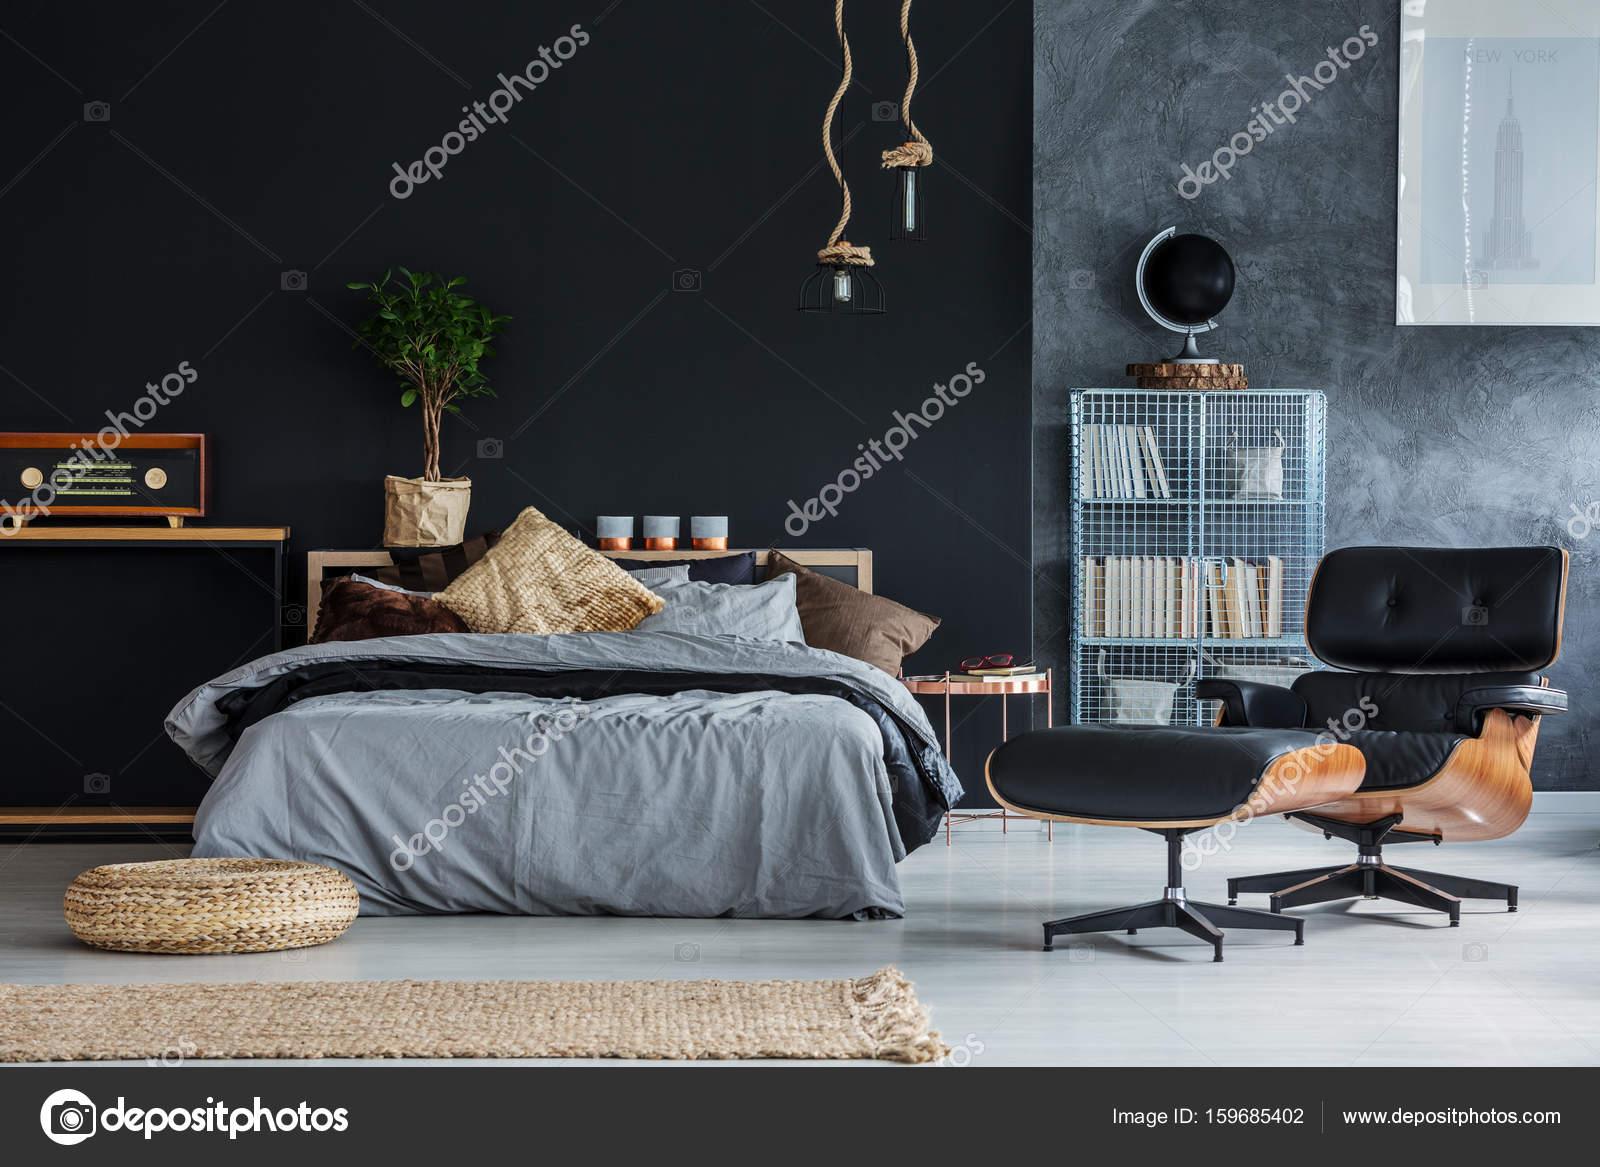 Korbwaren Accessoires im Schlafzimmer — Stockfoto ...